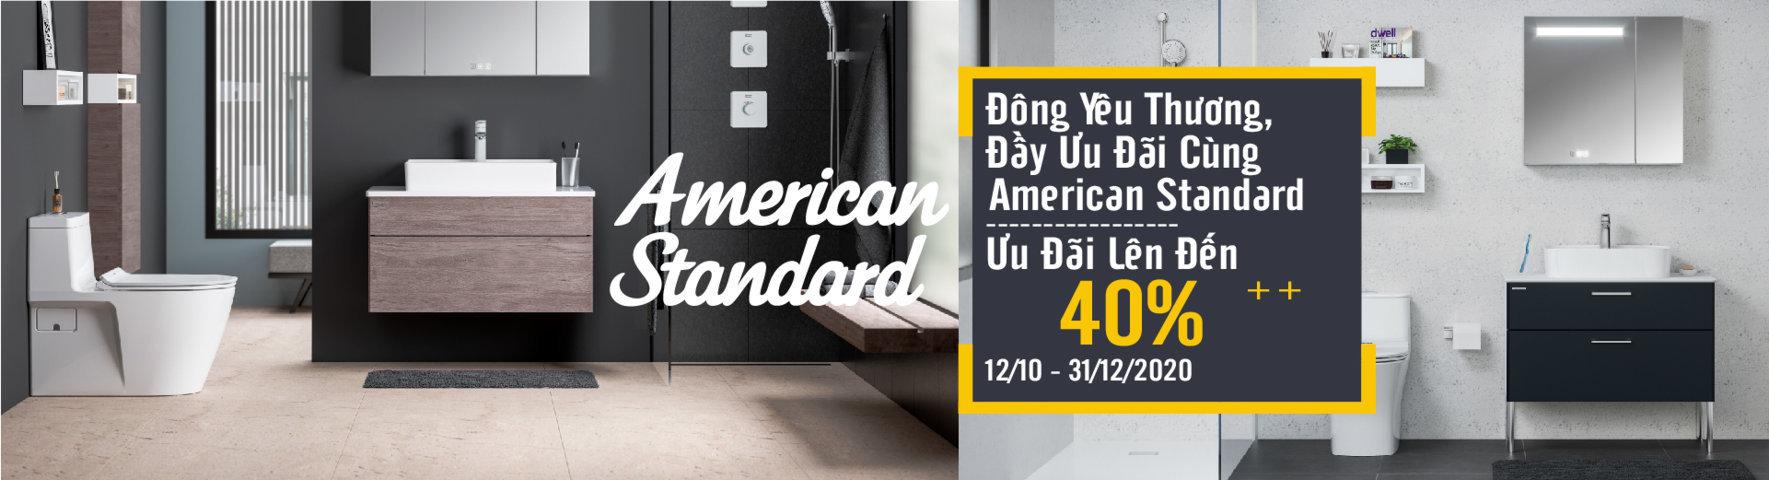 Khuyến mại Amerrican Standard 2020